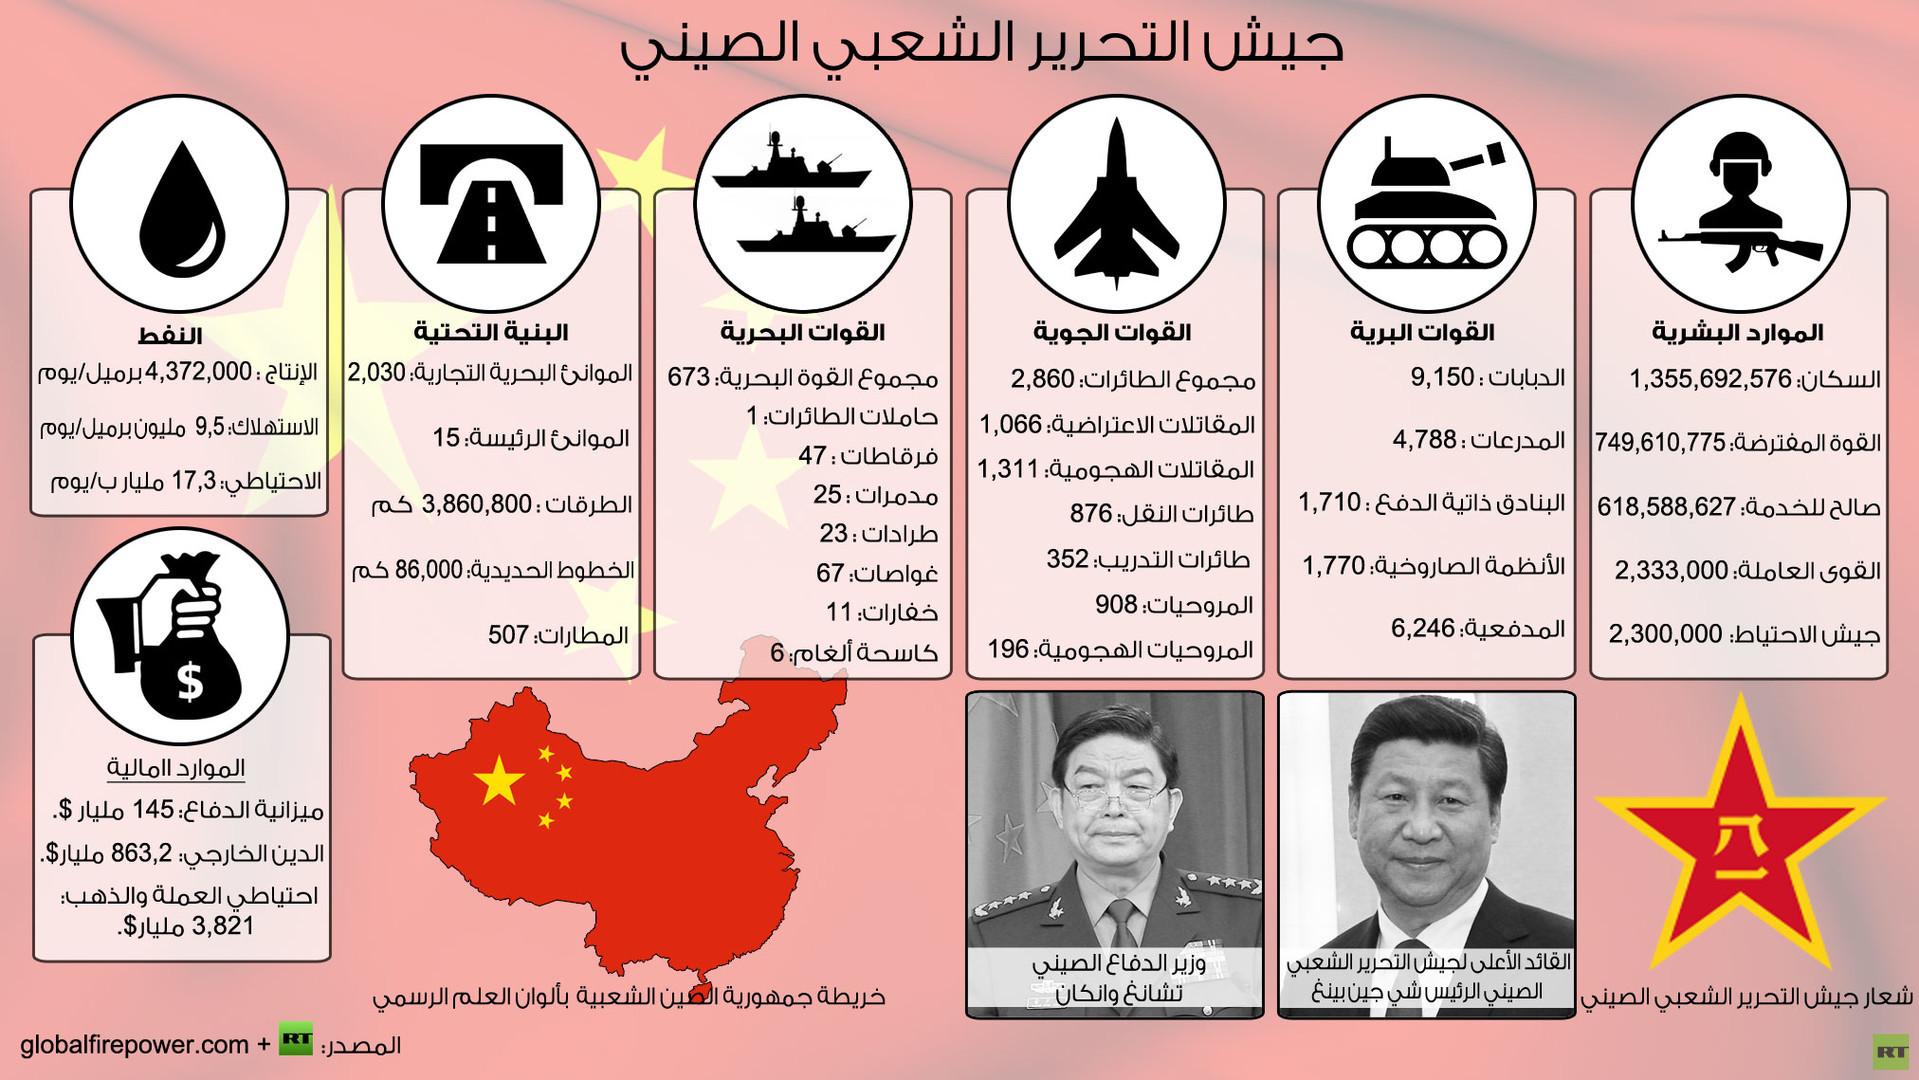 إنفوجرافيك جيش التحرير الشعبي الصيني Rt Arabic